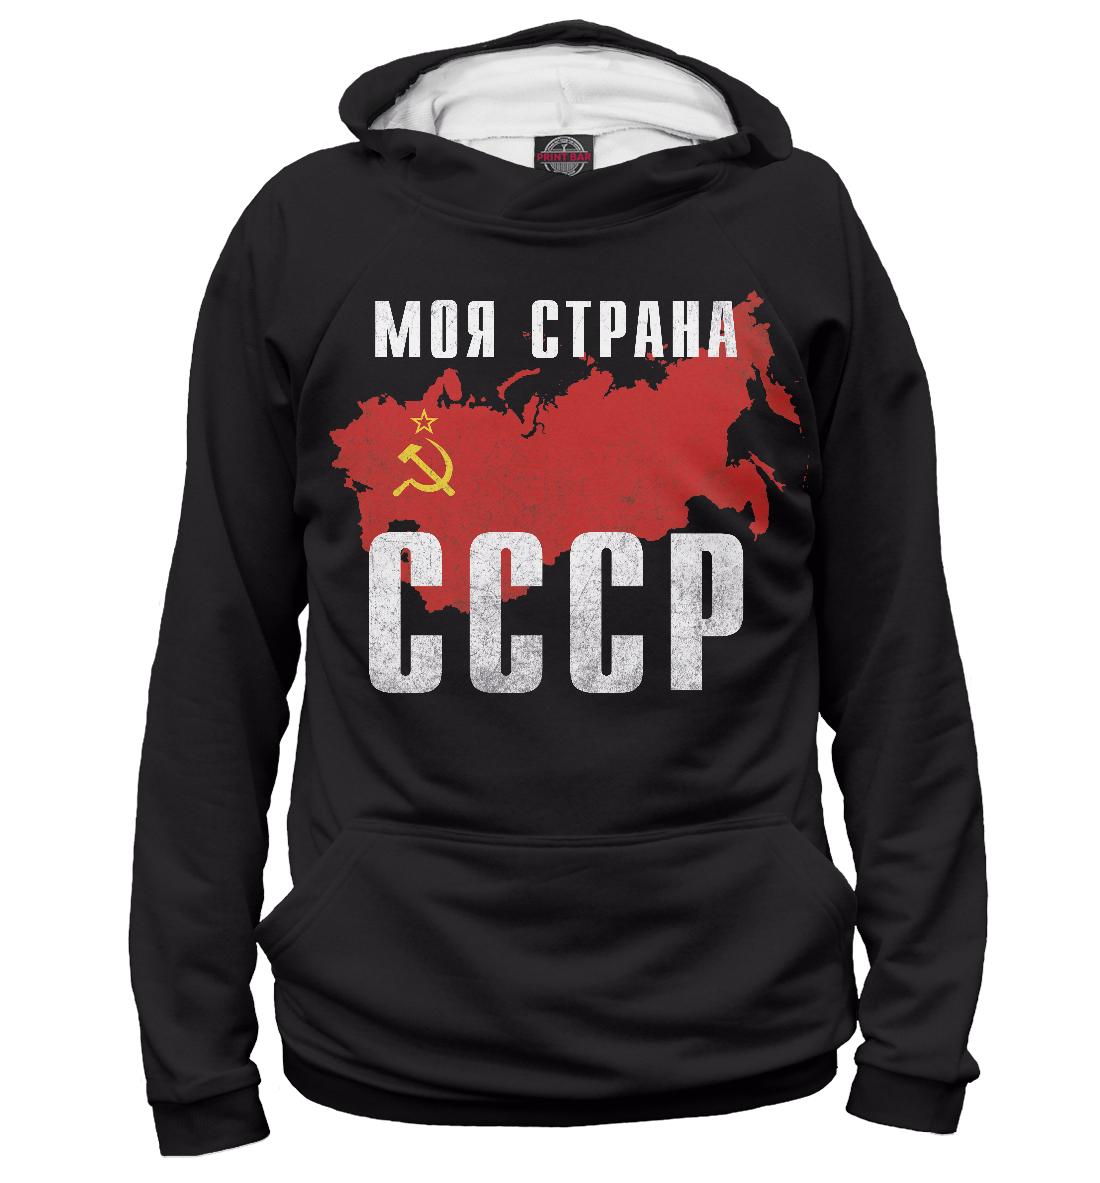 Купить Моя страна - СССР, Printbar, Худи, SSS-551754-hud-2